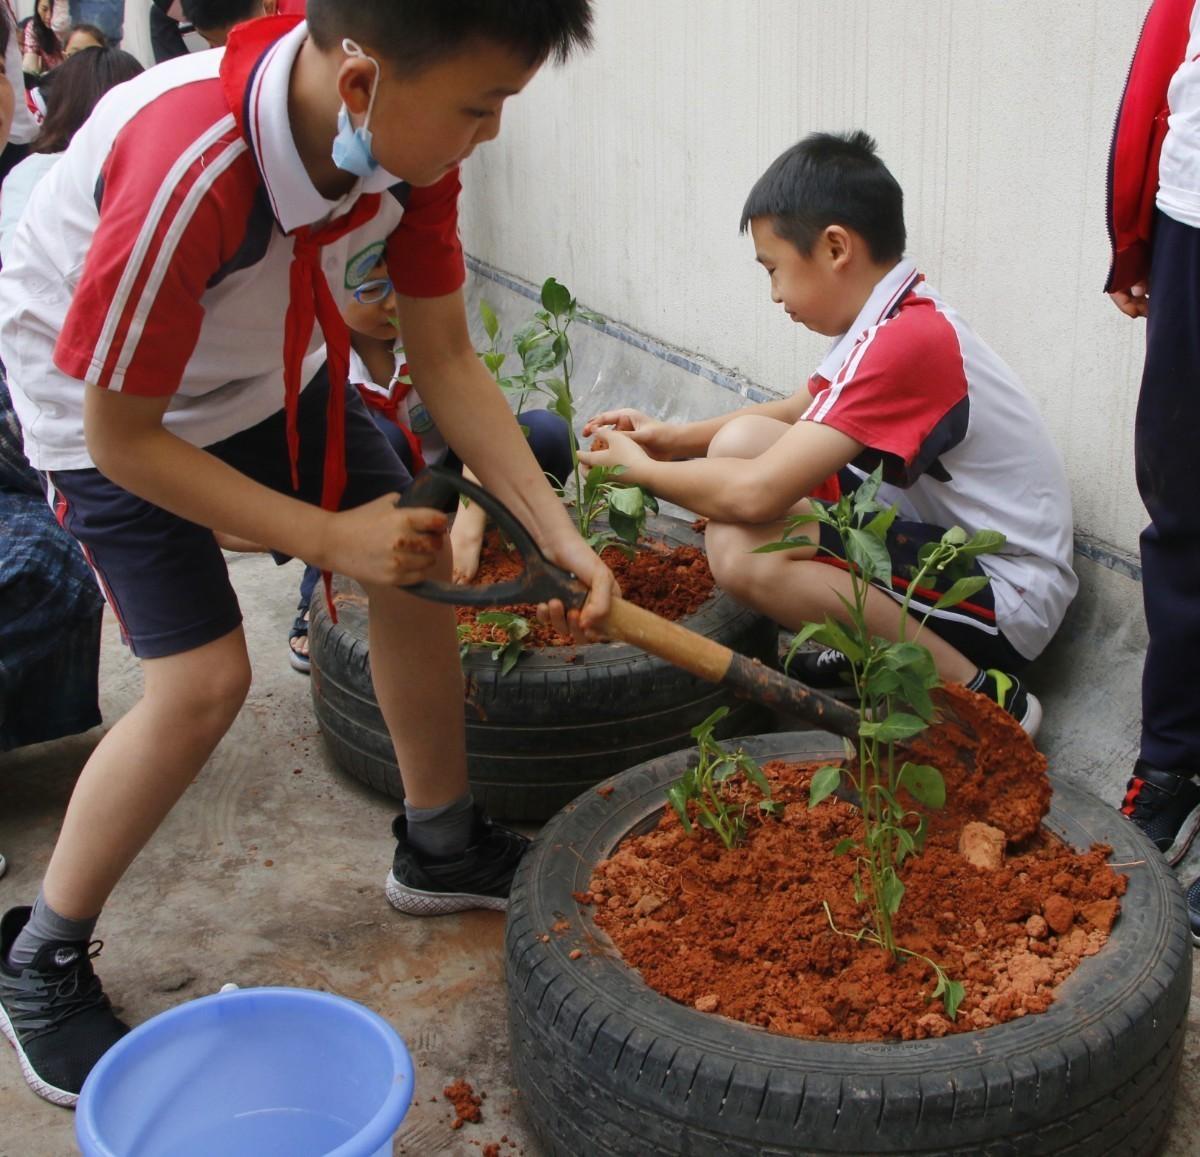 小小秧苗,大大希望——澳门新葡新京小学部蔬菜实践园开园记